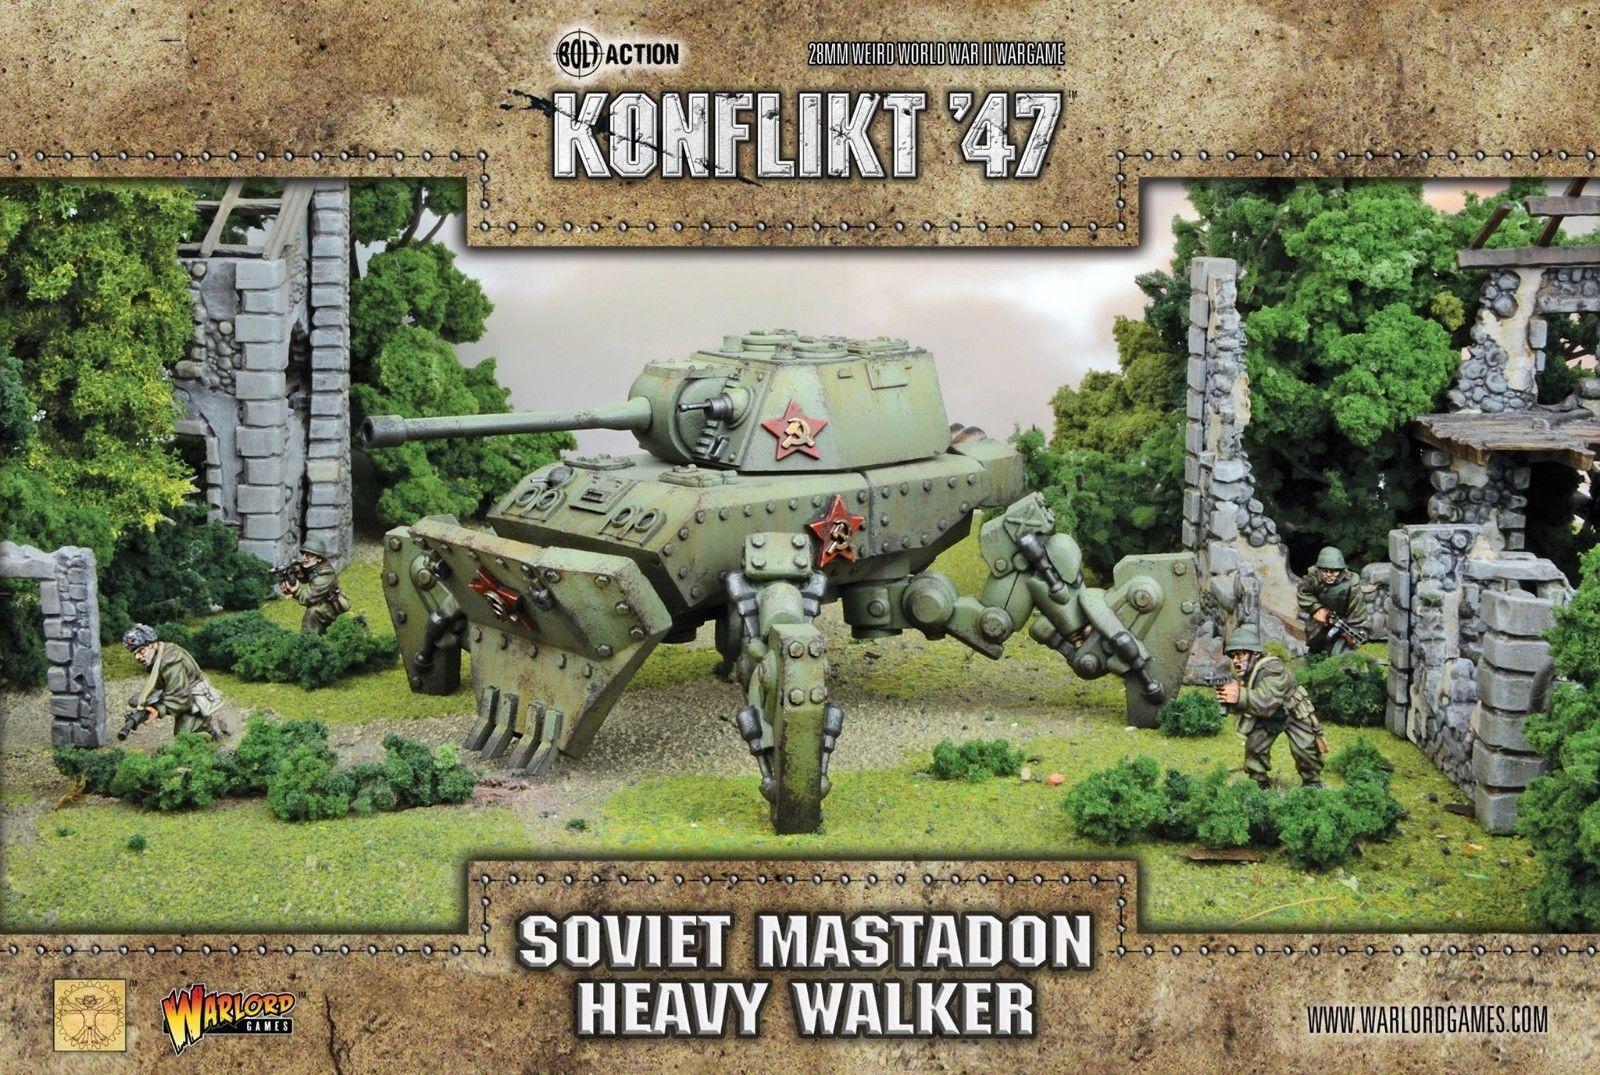 Soviet Mastadon Heavy Walker Konflikt '47 Warlord Games